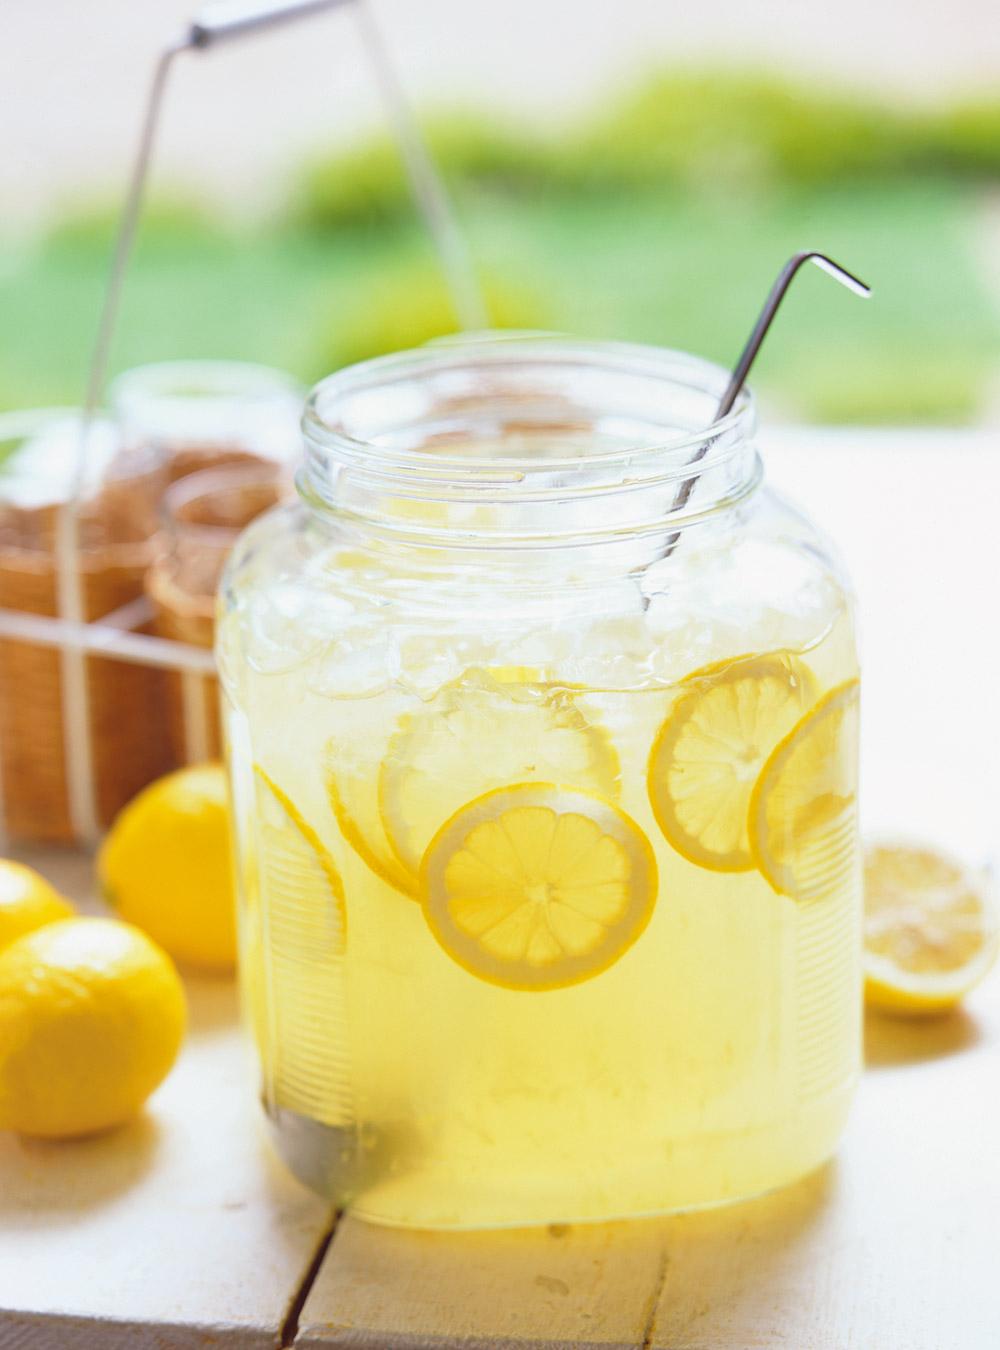 recette de boisson nergisante au citron recette. Black Bedroom Furniture Sets. Home Design Ideas